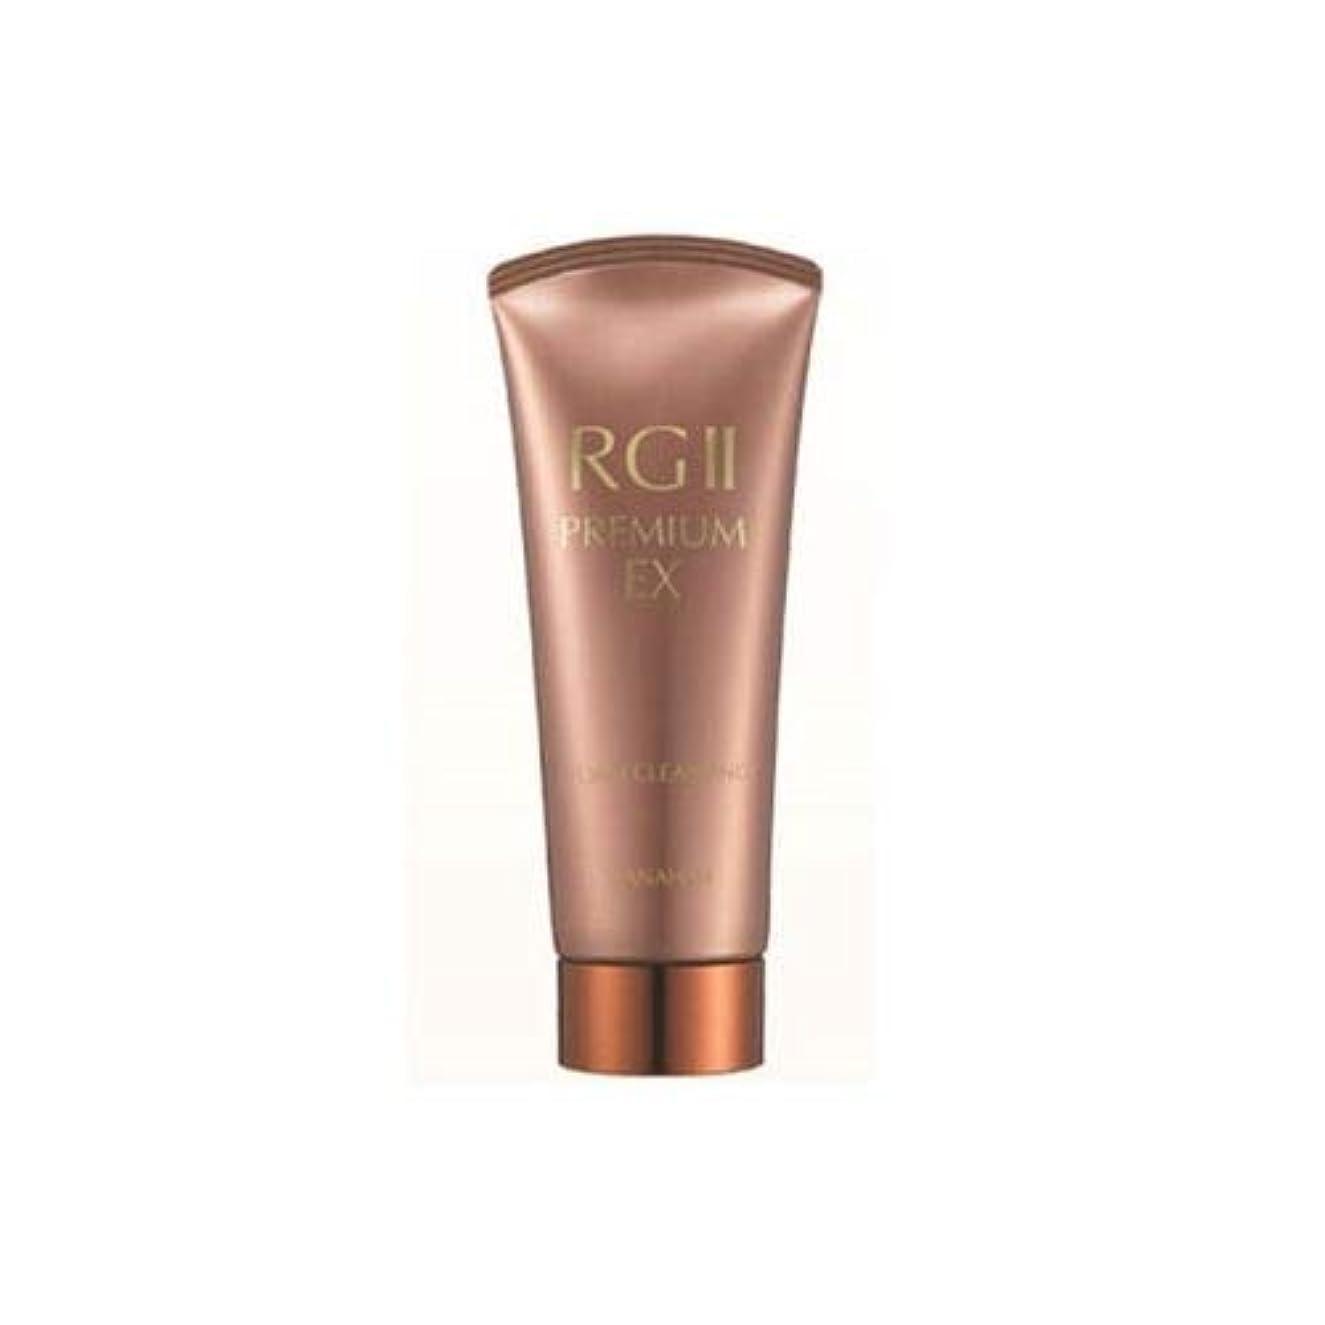 ペイン同等のシリアルDanahan RGll Premium EX Foam Cleansing 多娜嫺 (ダナハン) RGll プレミアム EX フォームクレンジング 200ml [並行輸入品]